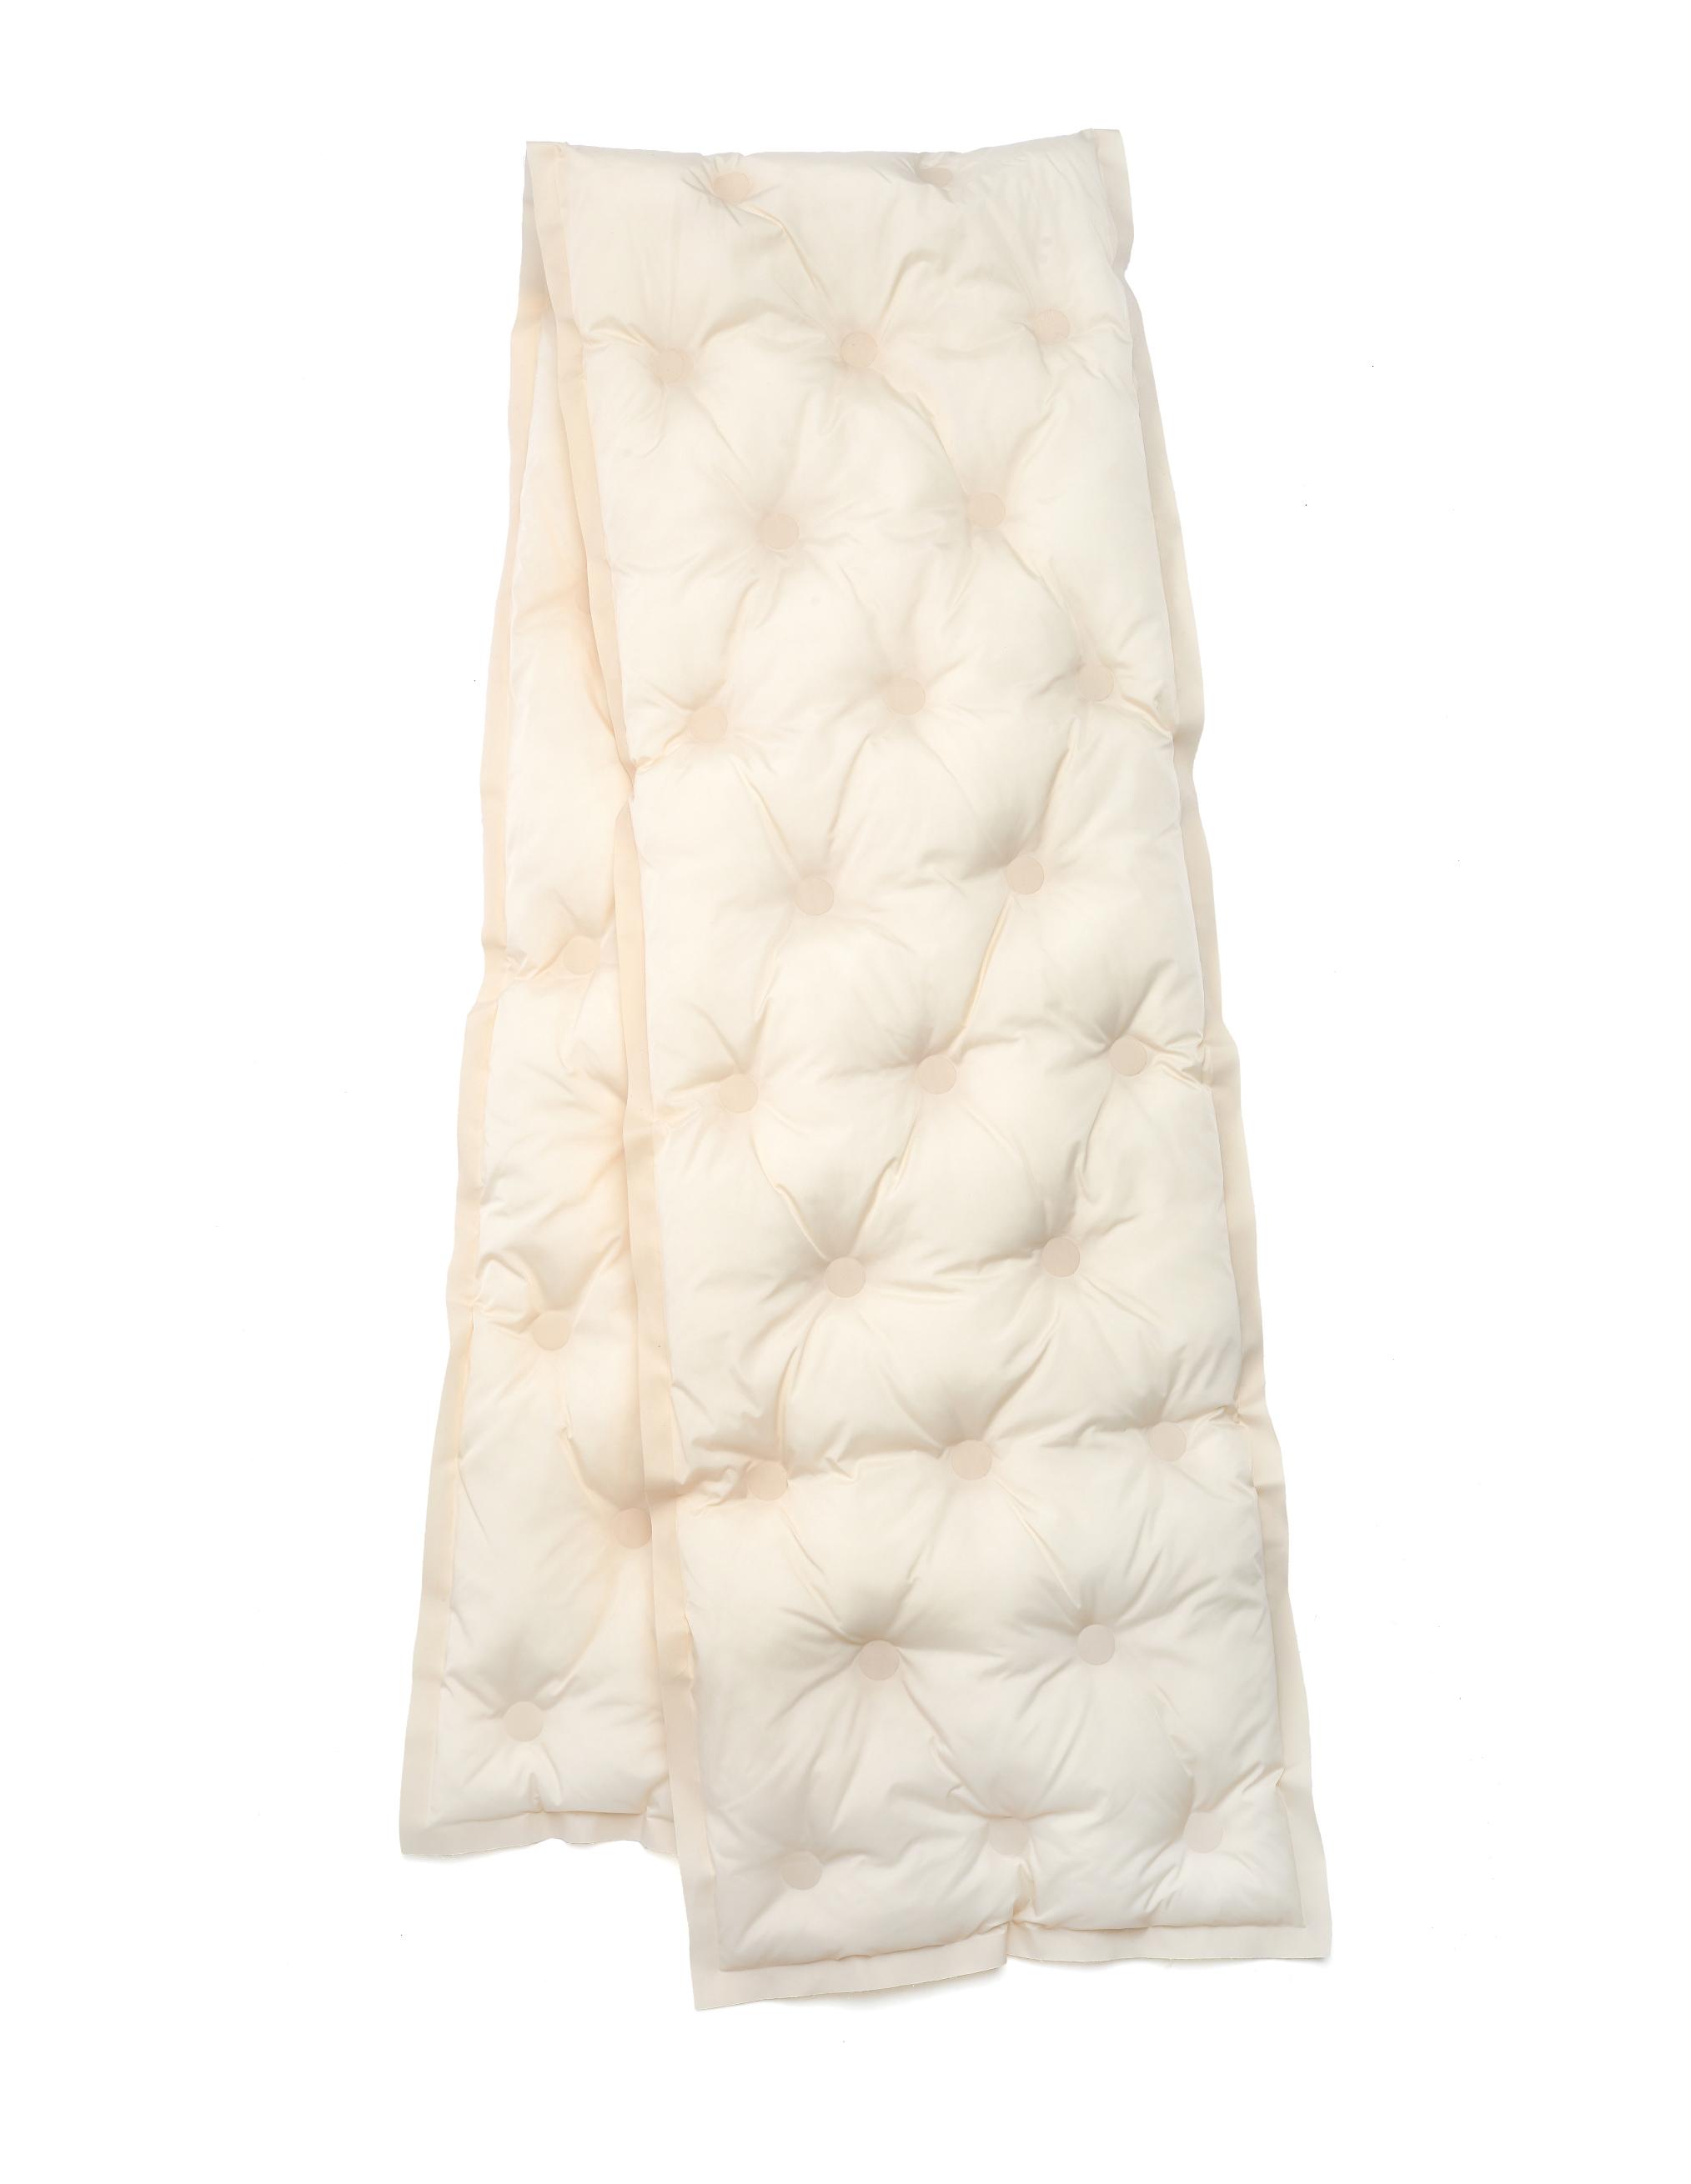 Maison Margiela White Glam Slam Scarf